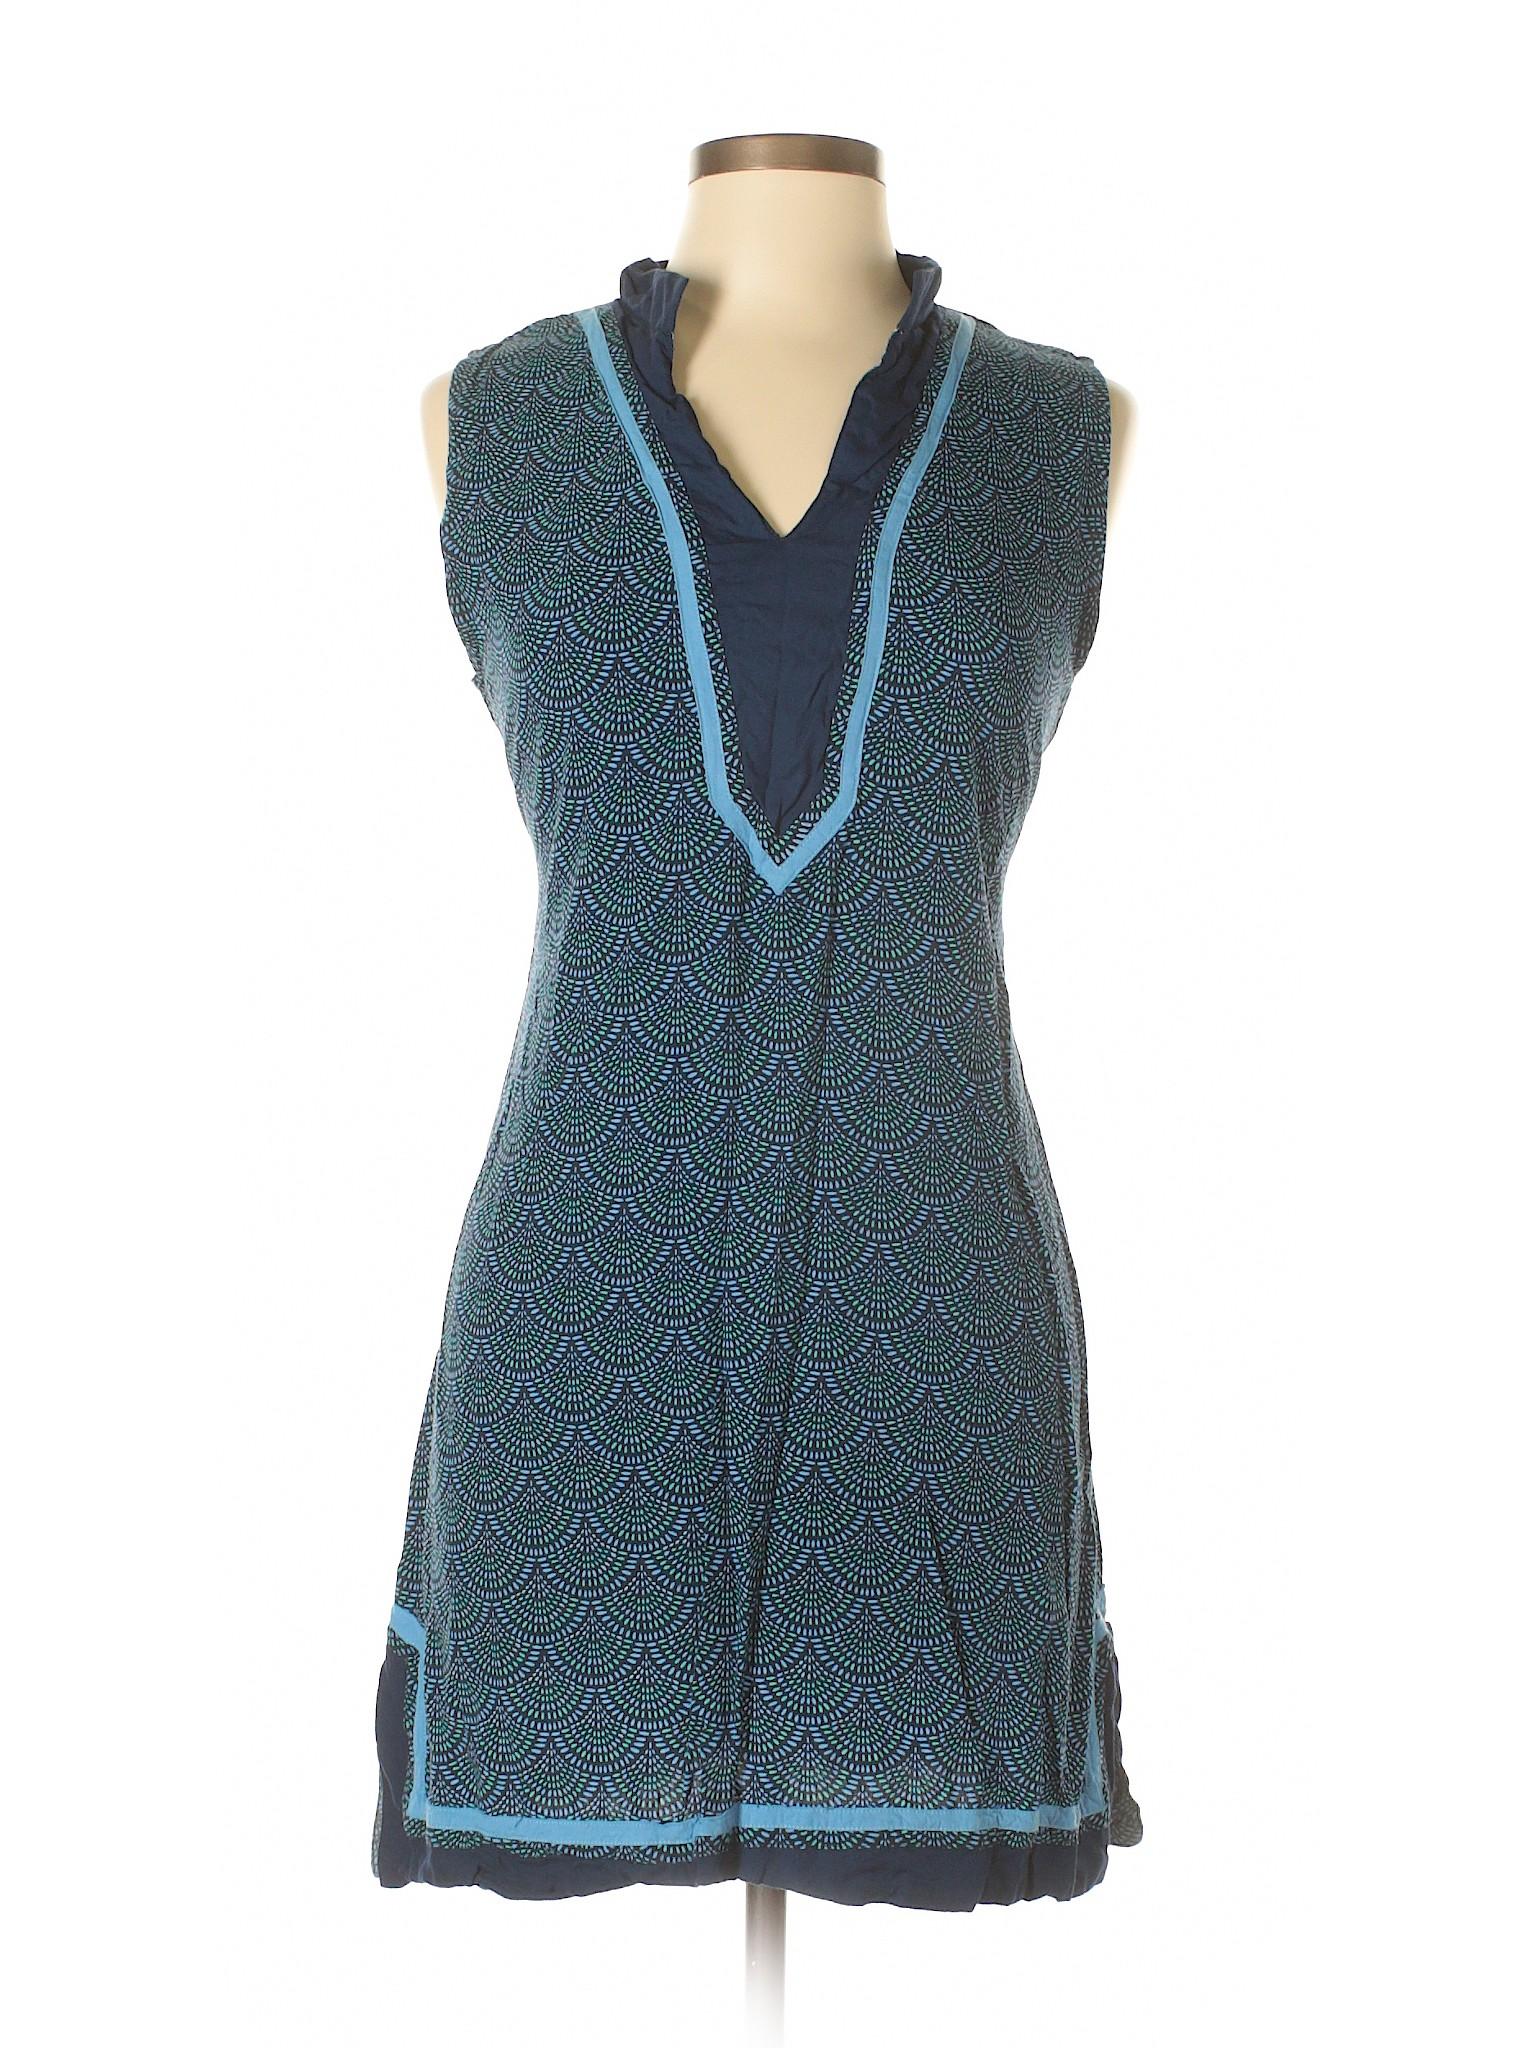 Dress Casual Escapada Casual Boutique Dress winter Casual Escapada Boutique Escapada winter winter Boutique H7xAgqq